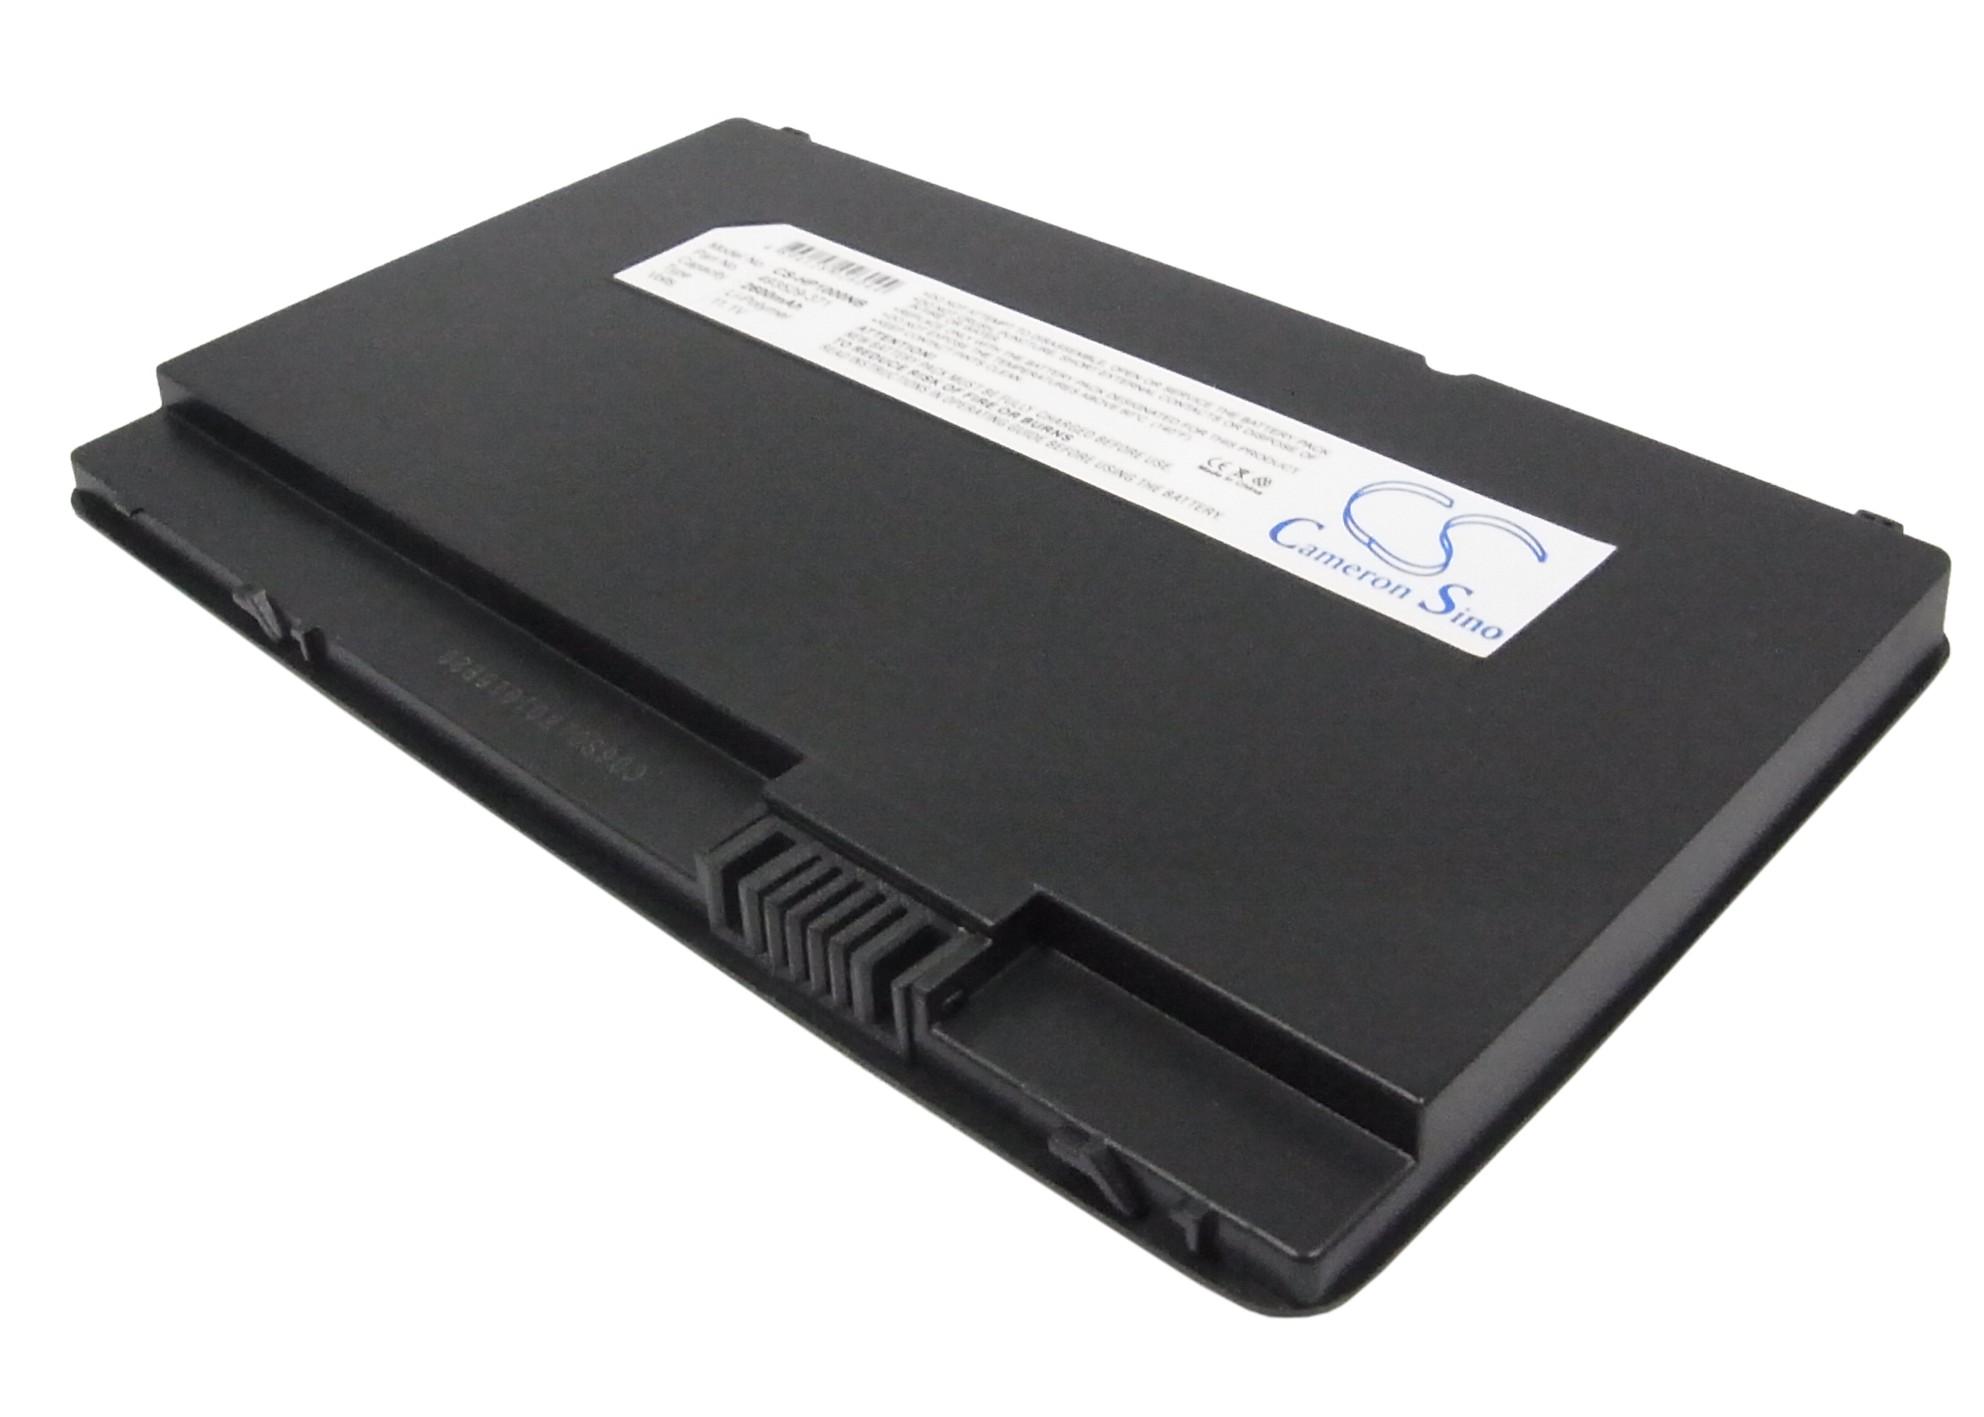 Cameron Sino baterie do notebooků pro HP Mini 1151NR 11.1V Li-Polymer 2600mAh černá - neoriginální